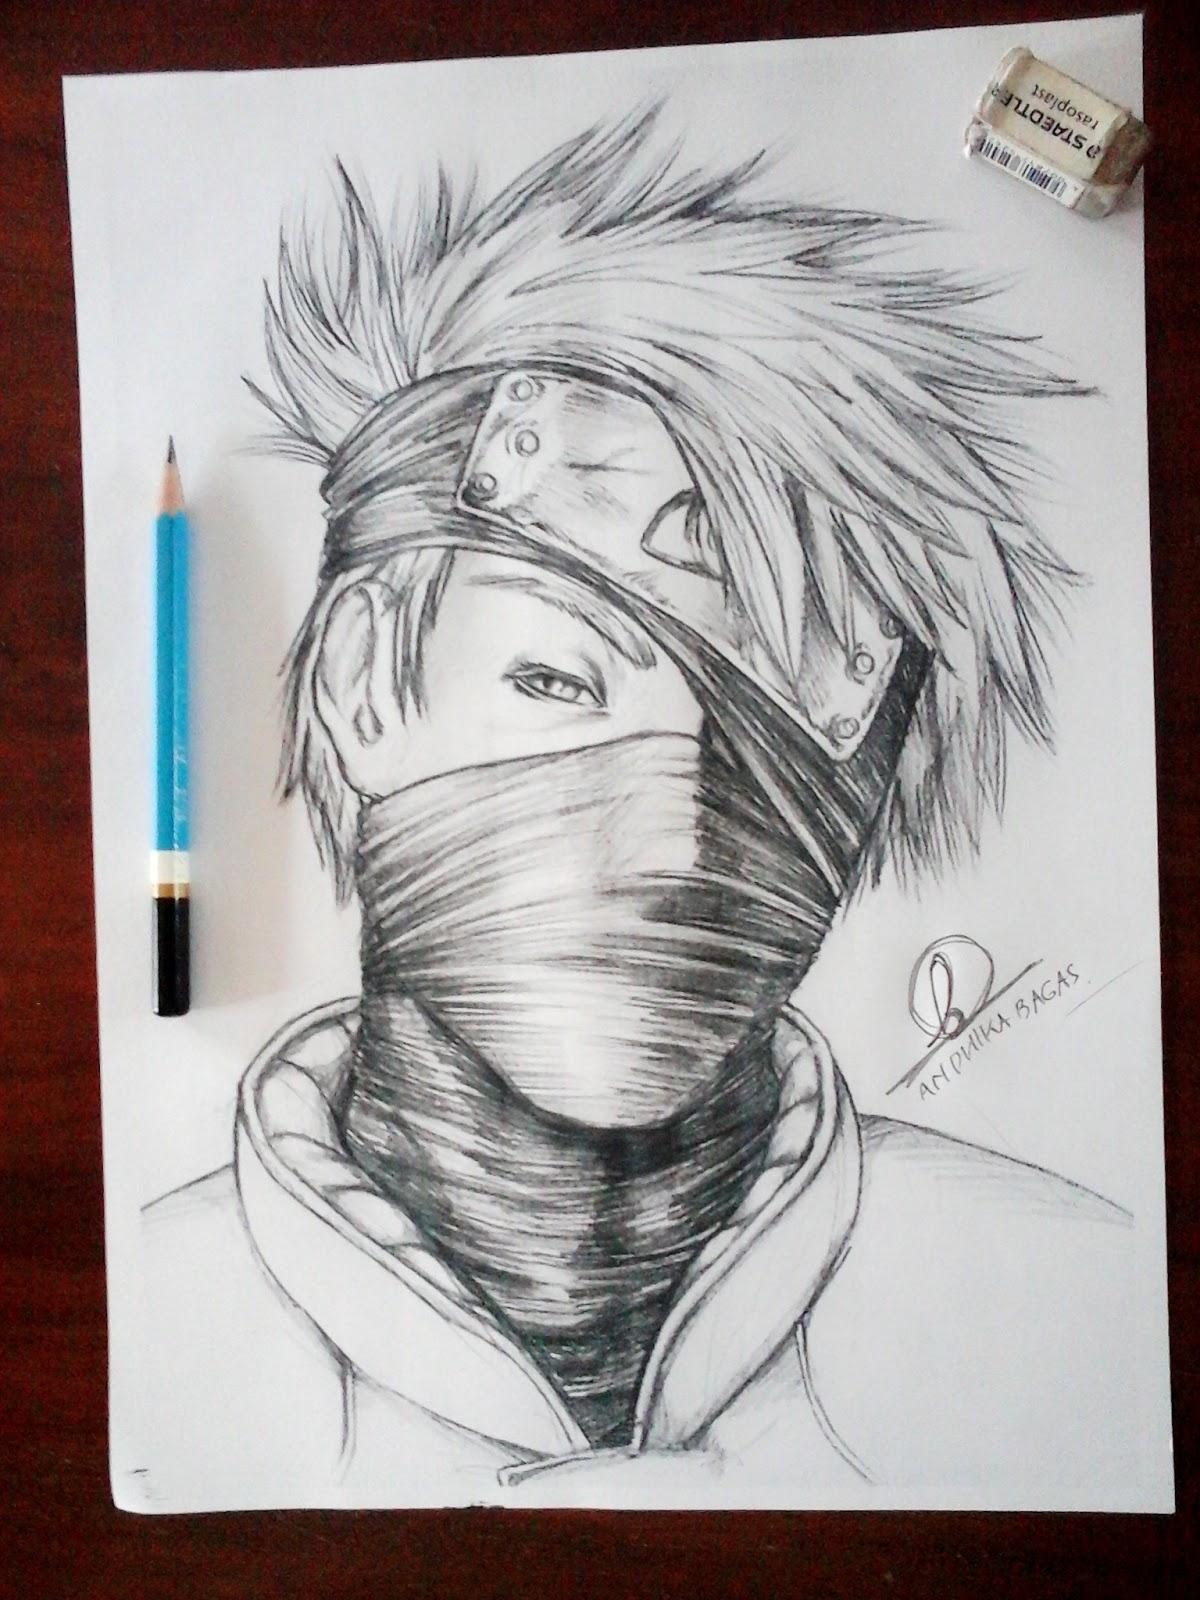 Kakashi Pencil Art WolfTech